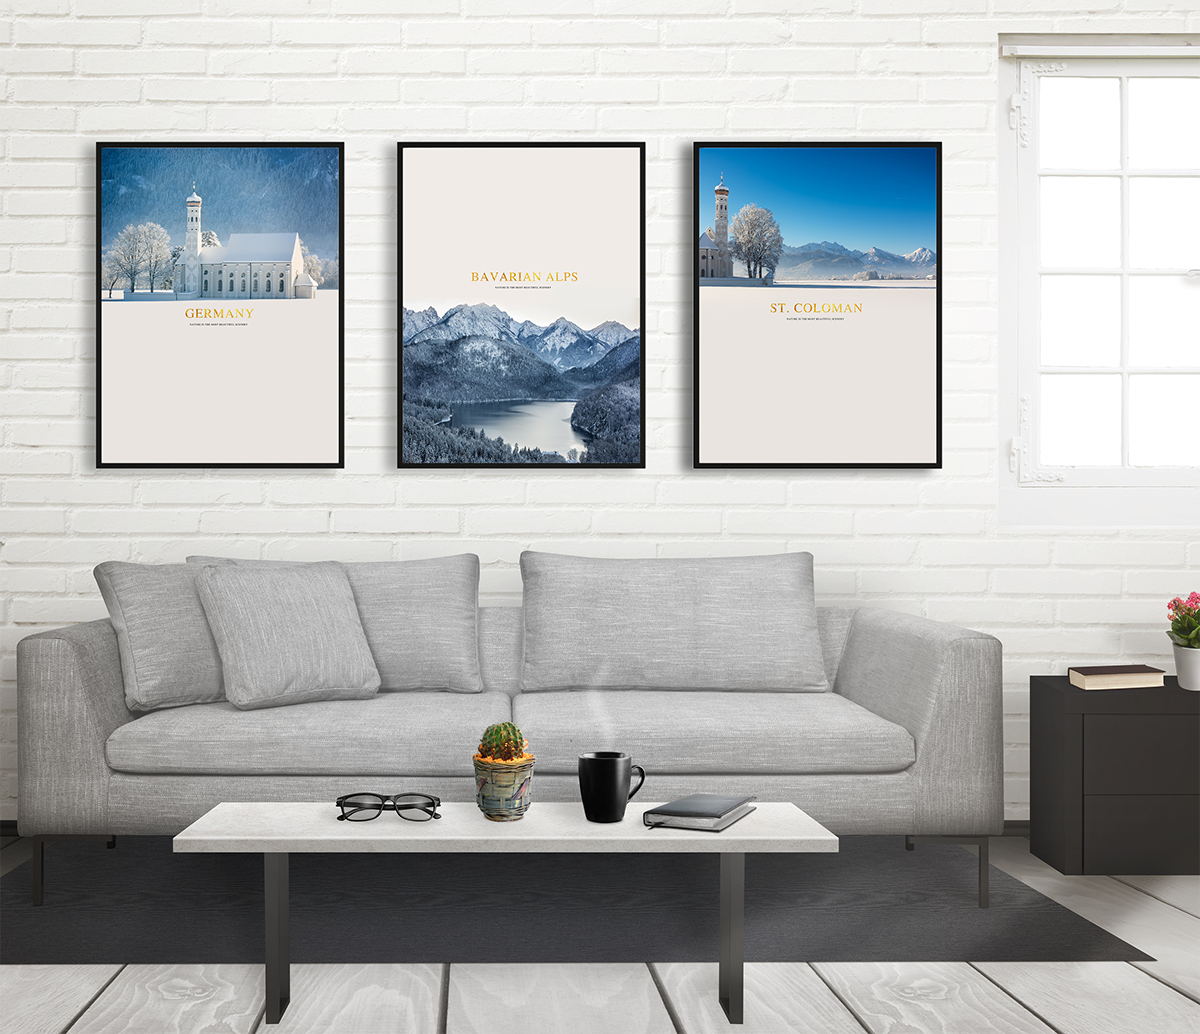 Bộ tranh 3 bức tháp và cảnh vật